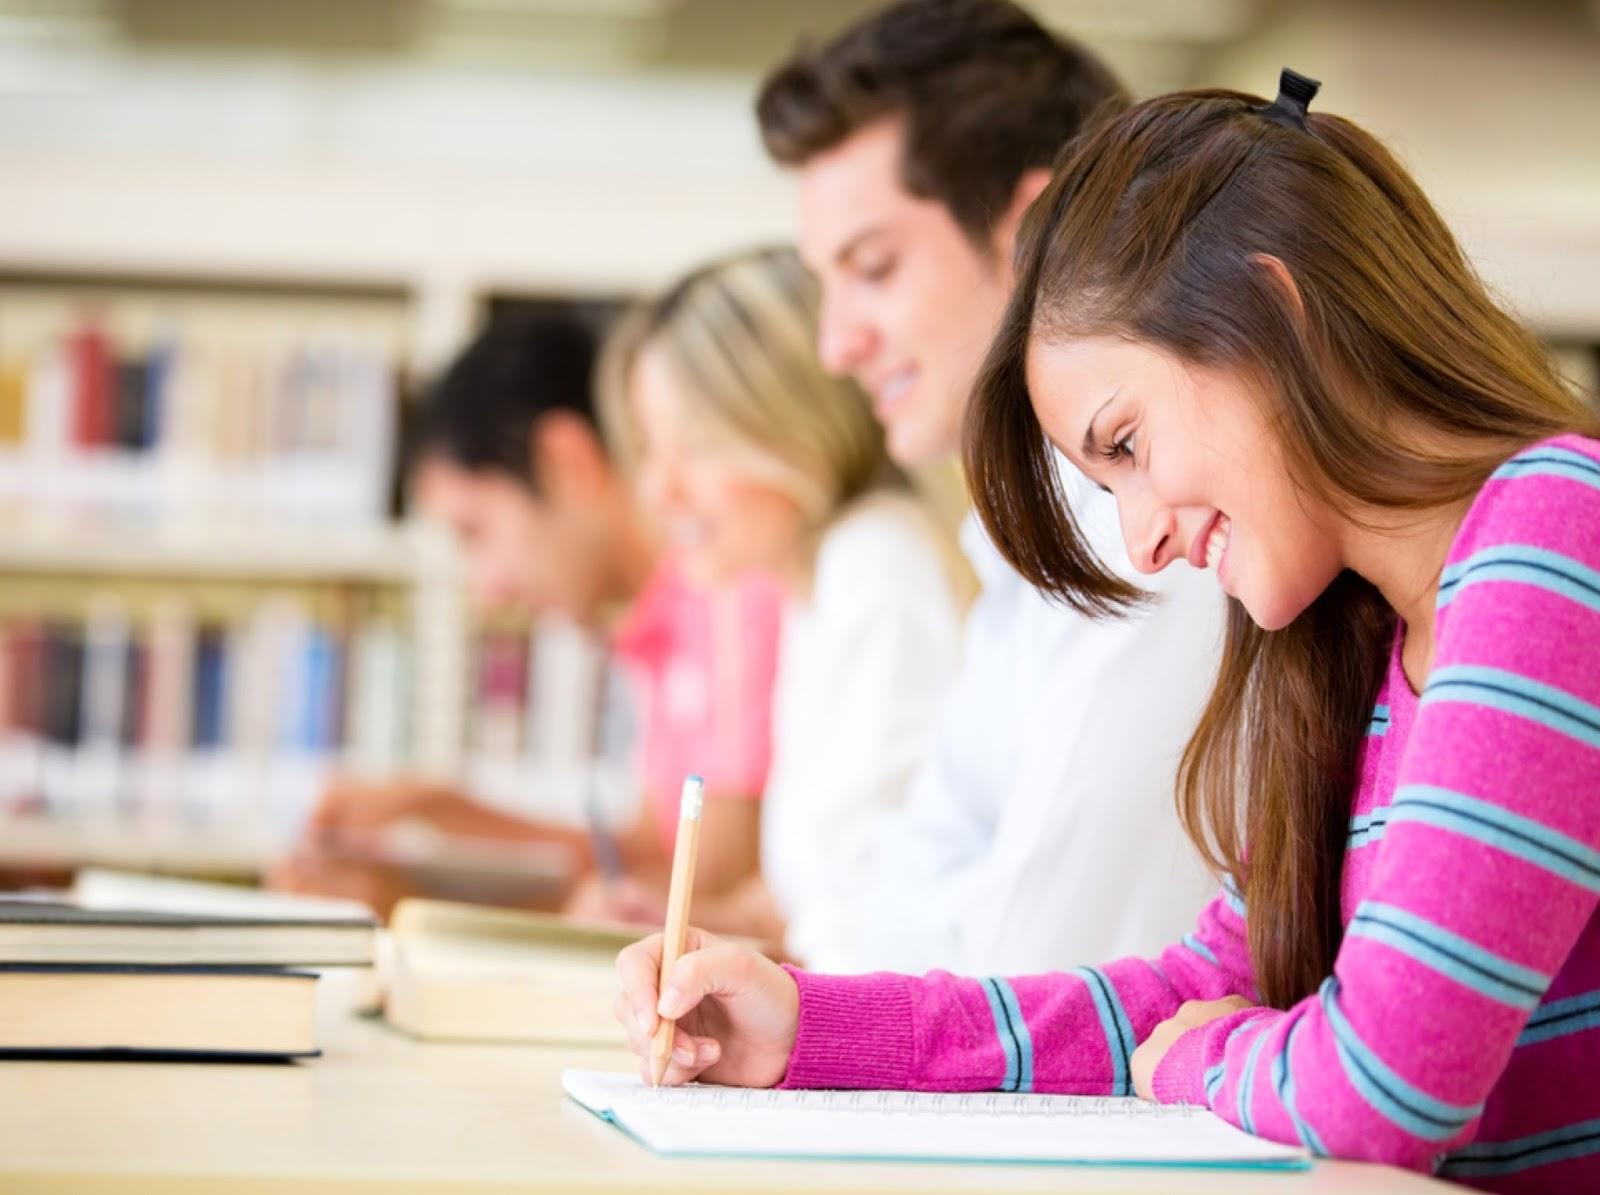 Студентки веселятся после экзамена, Студентки после экзамена » Порно видео онлайн 2 фотография